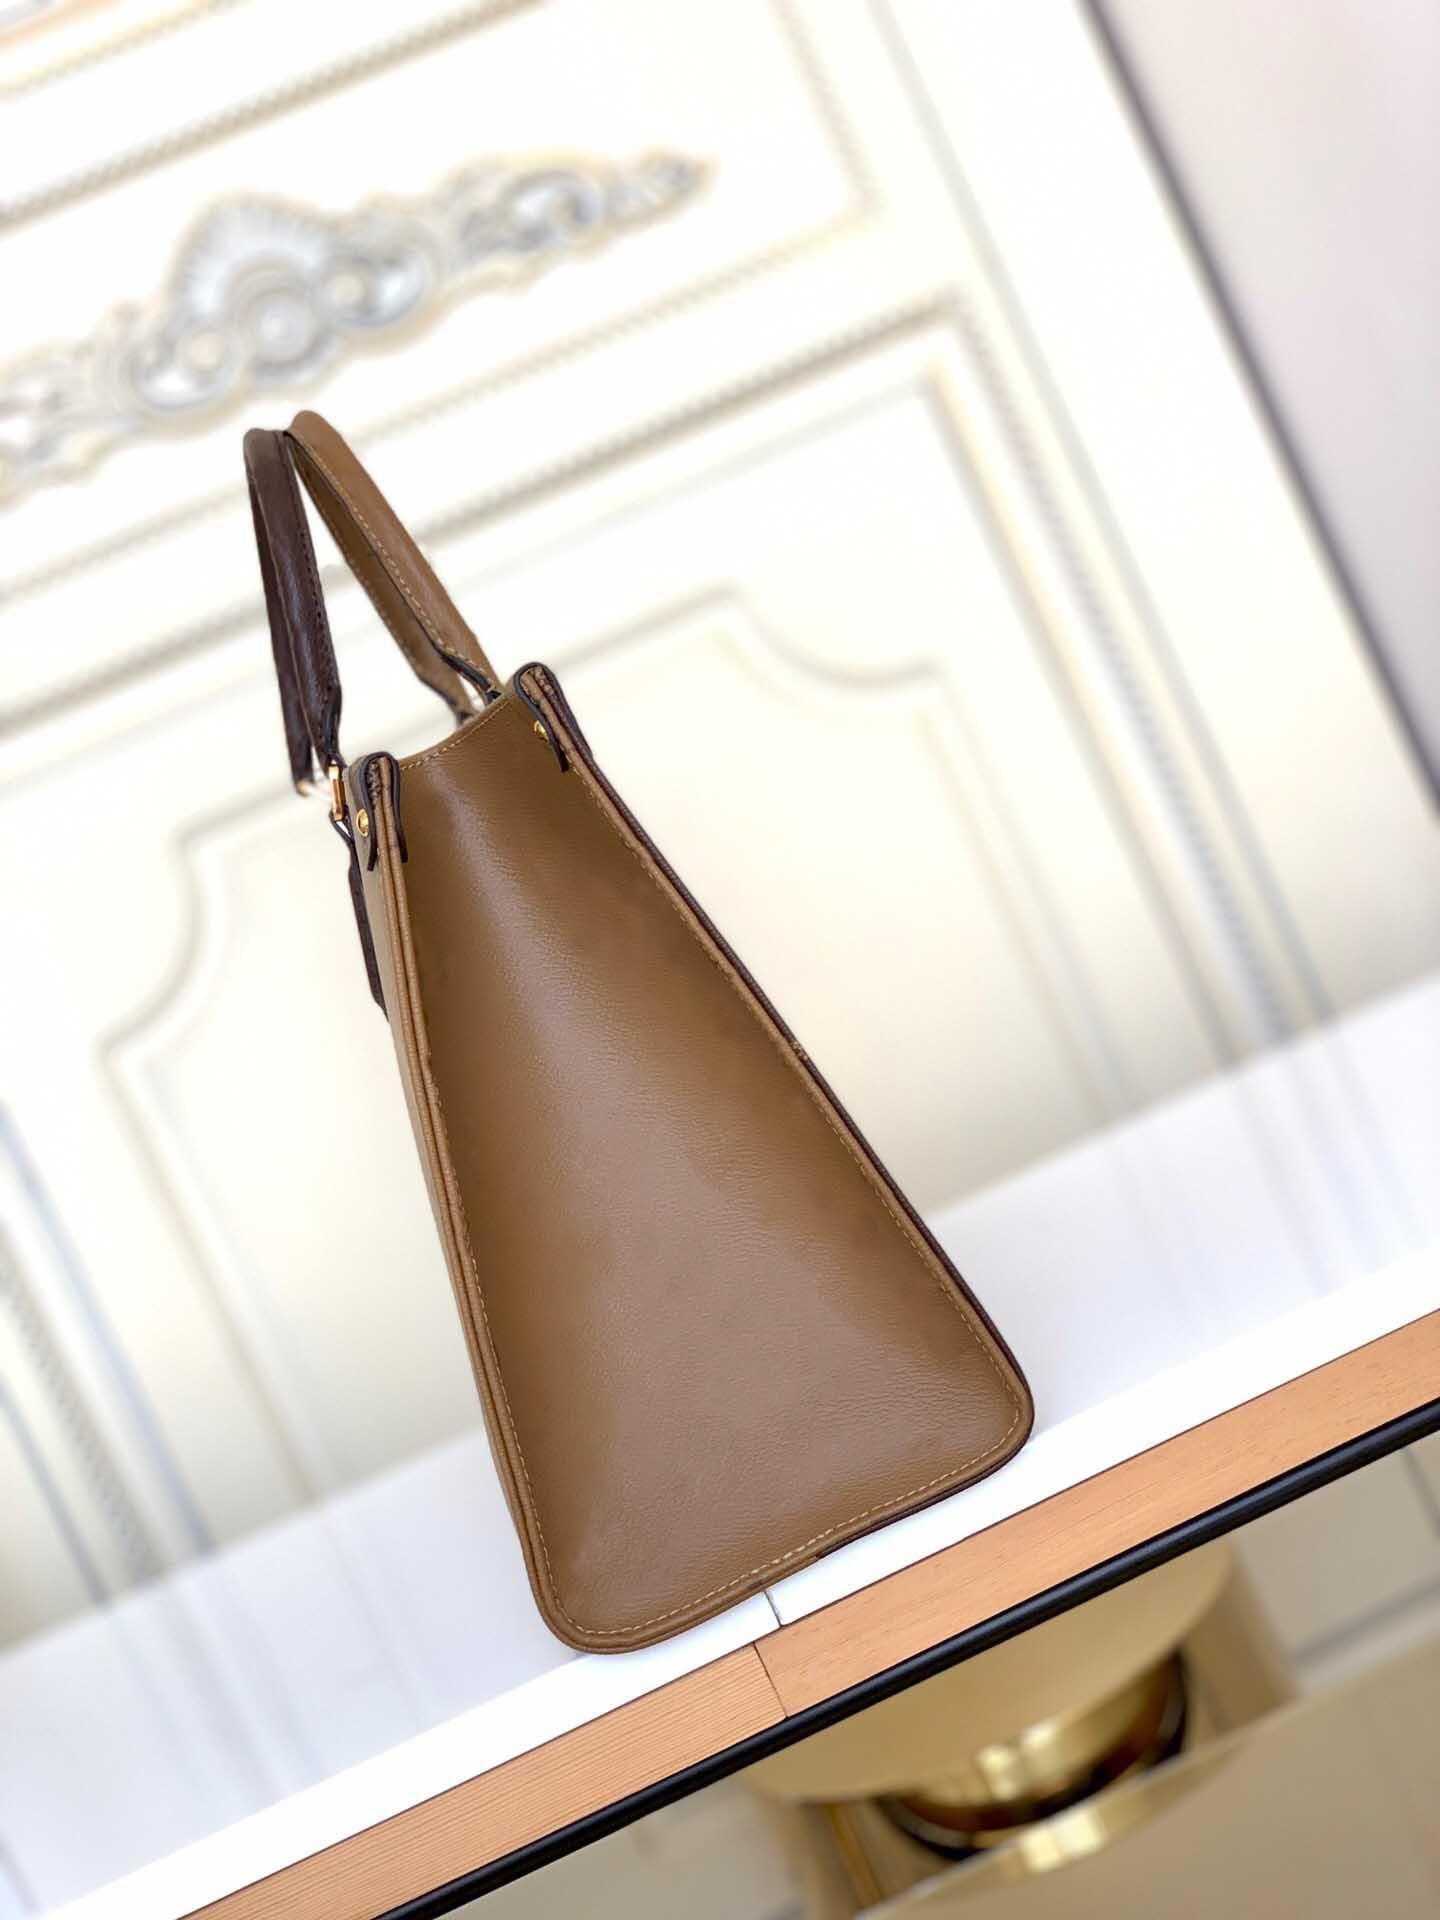 Serial de alta qualidade bolsa de ombro couro real embreagem bolsa bolsa de bolsa feita mulher em insid m45039 número esnjx